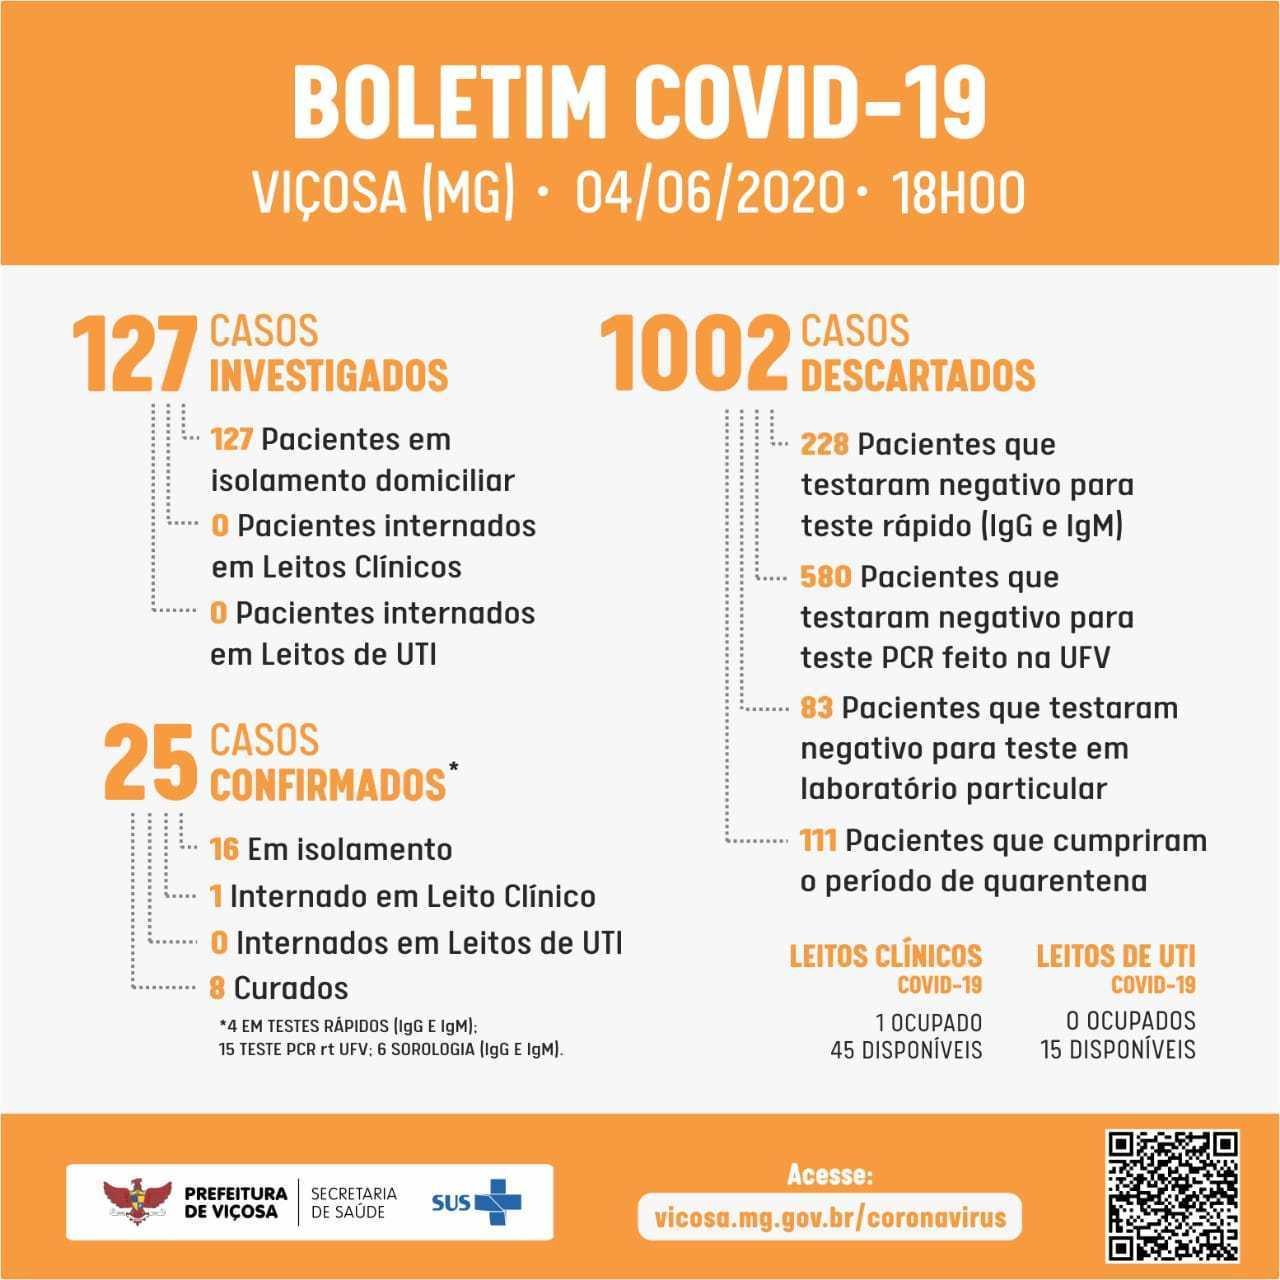 Chega a 25 o número de casos de COVID-19 em Viçosa